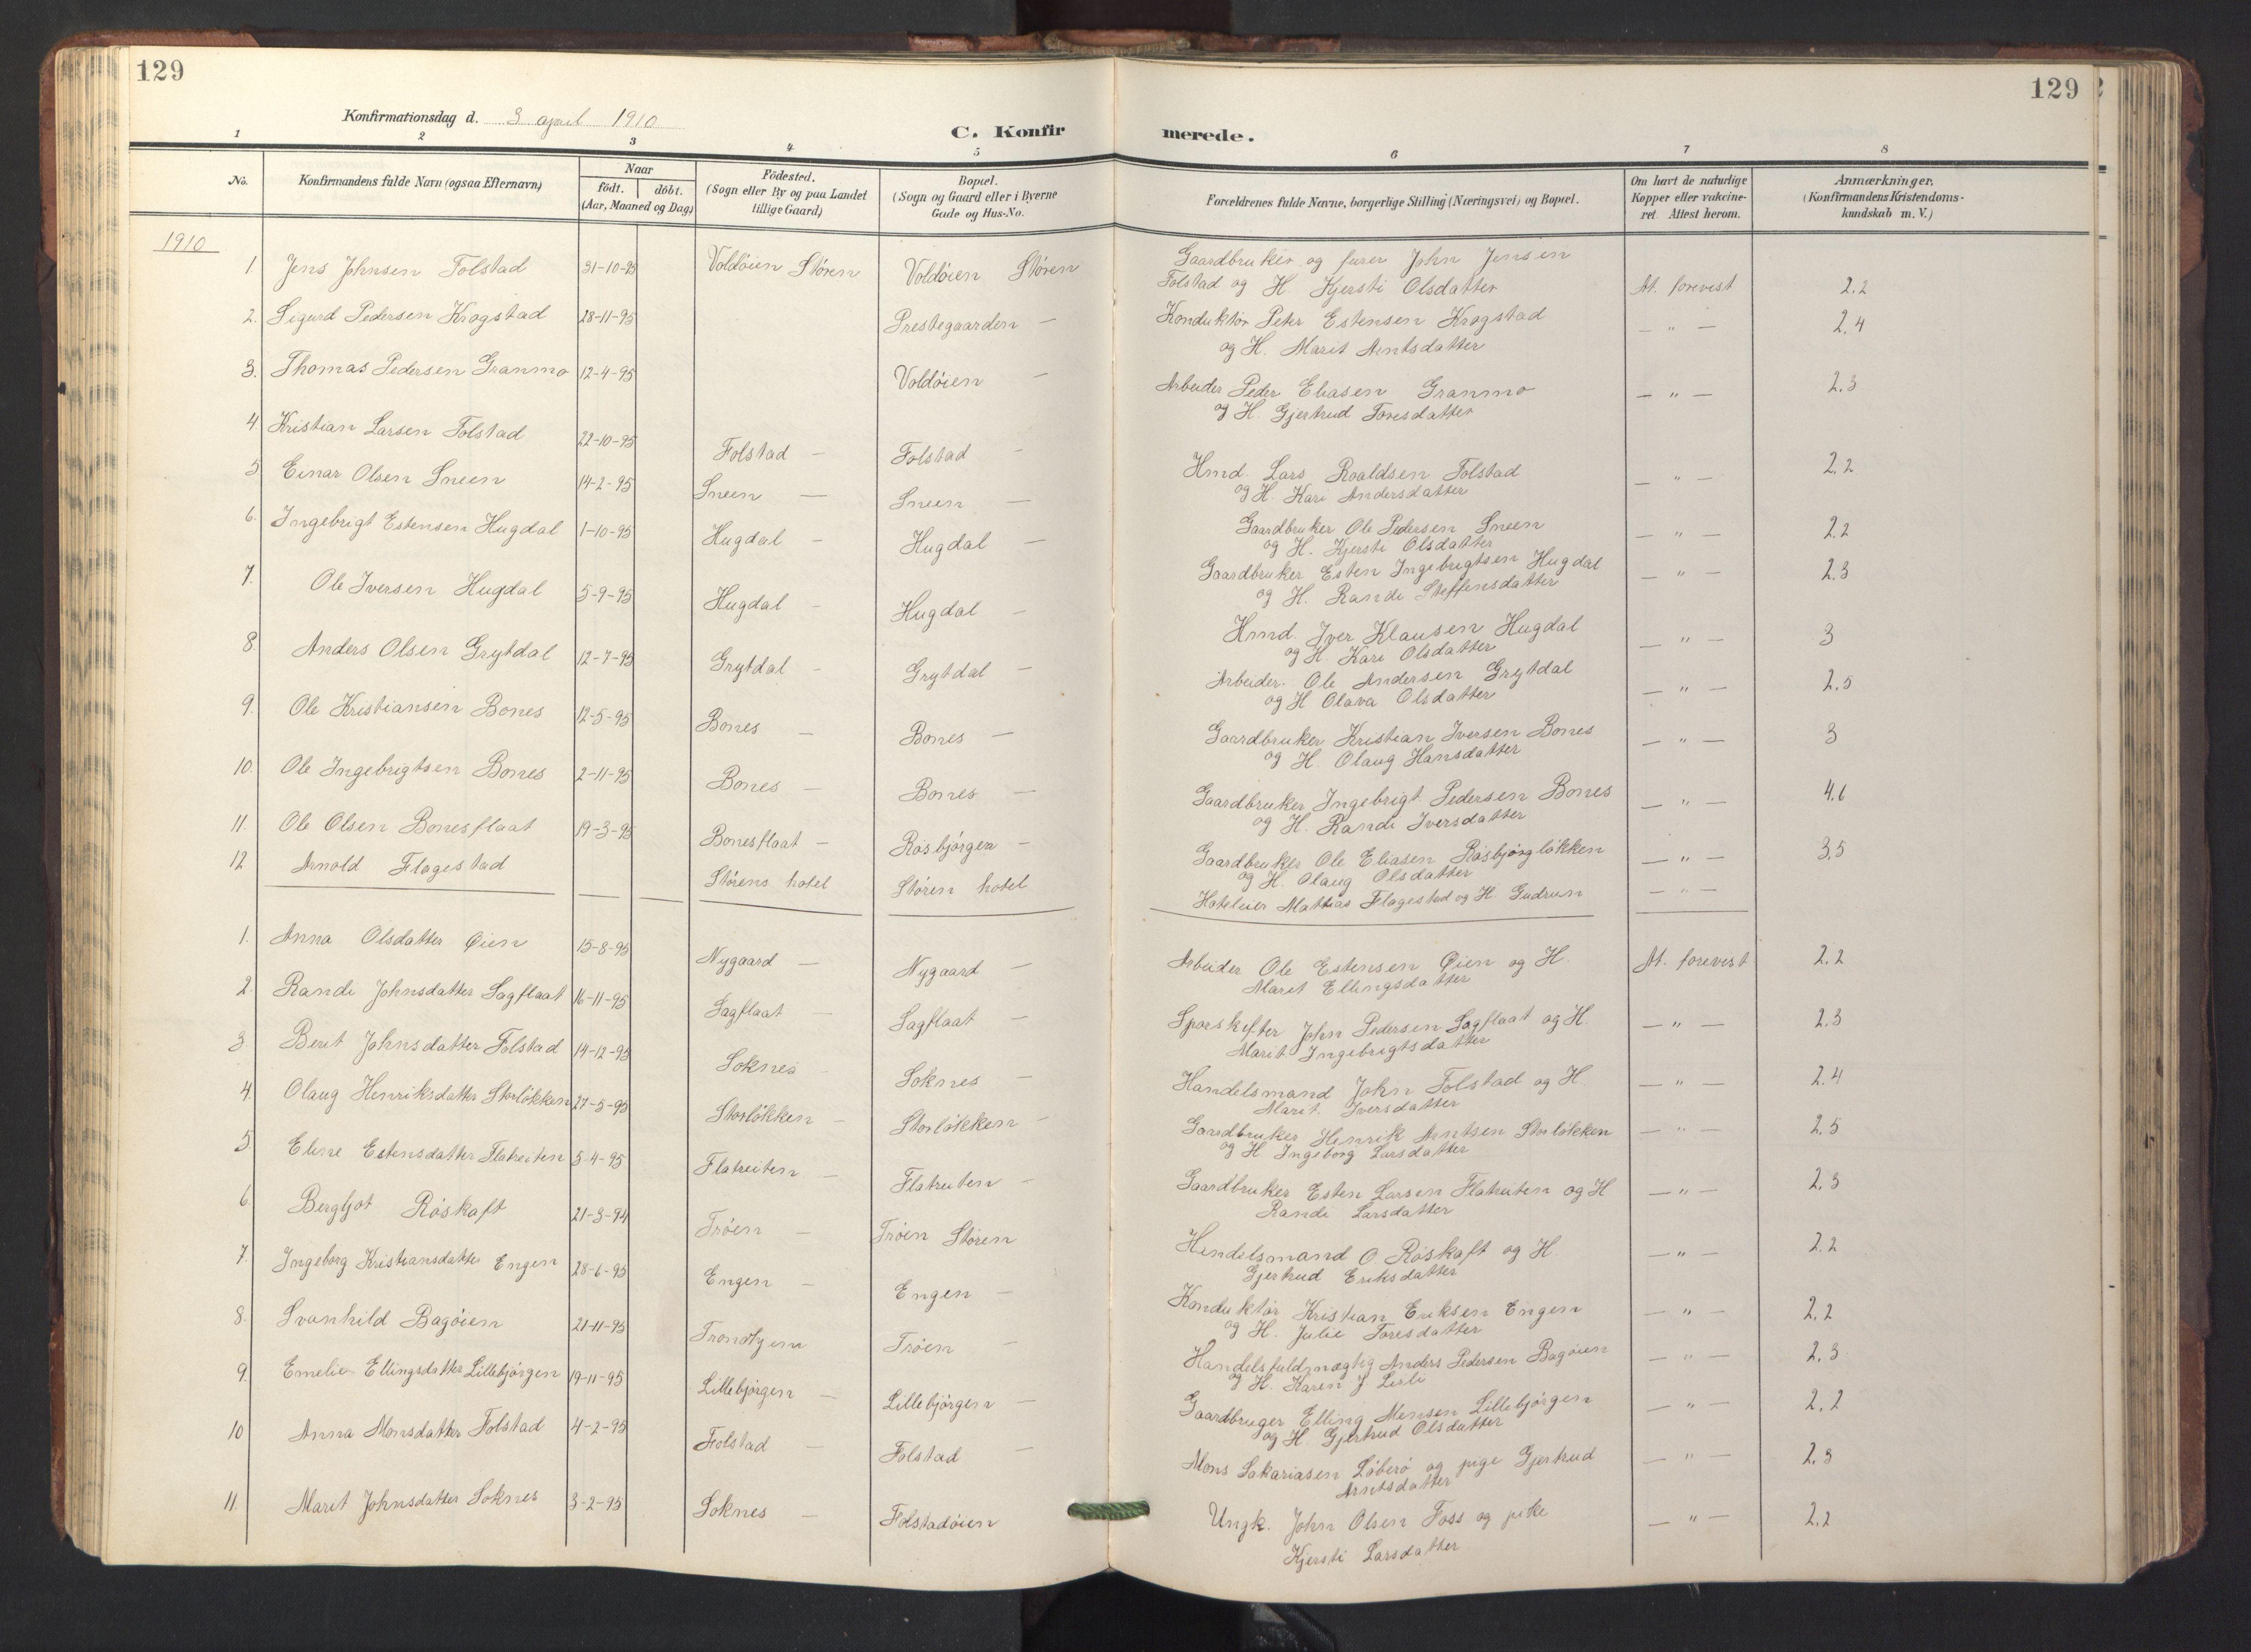 SAT, Ministerialprotokoller, klokkerbøker og fødselsregistre - Sør-Trøndelag, 687/L1019: Klokkerbok nr. 687C03, 1904-1931, s. 129